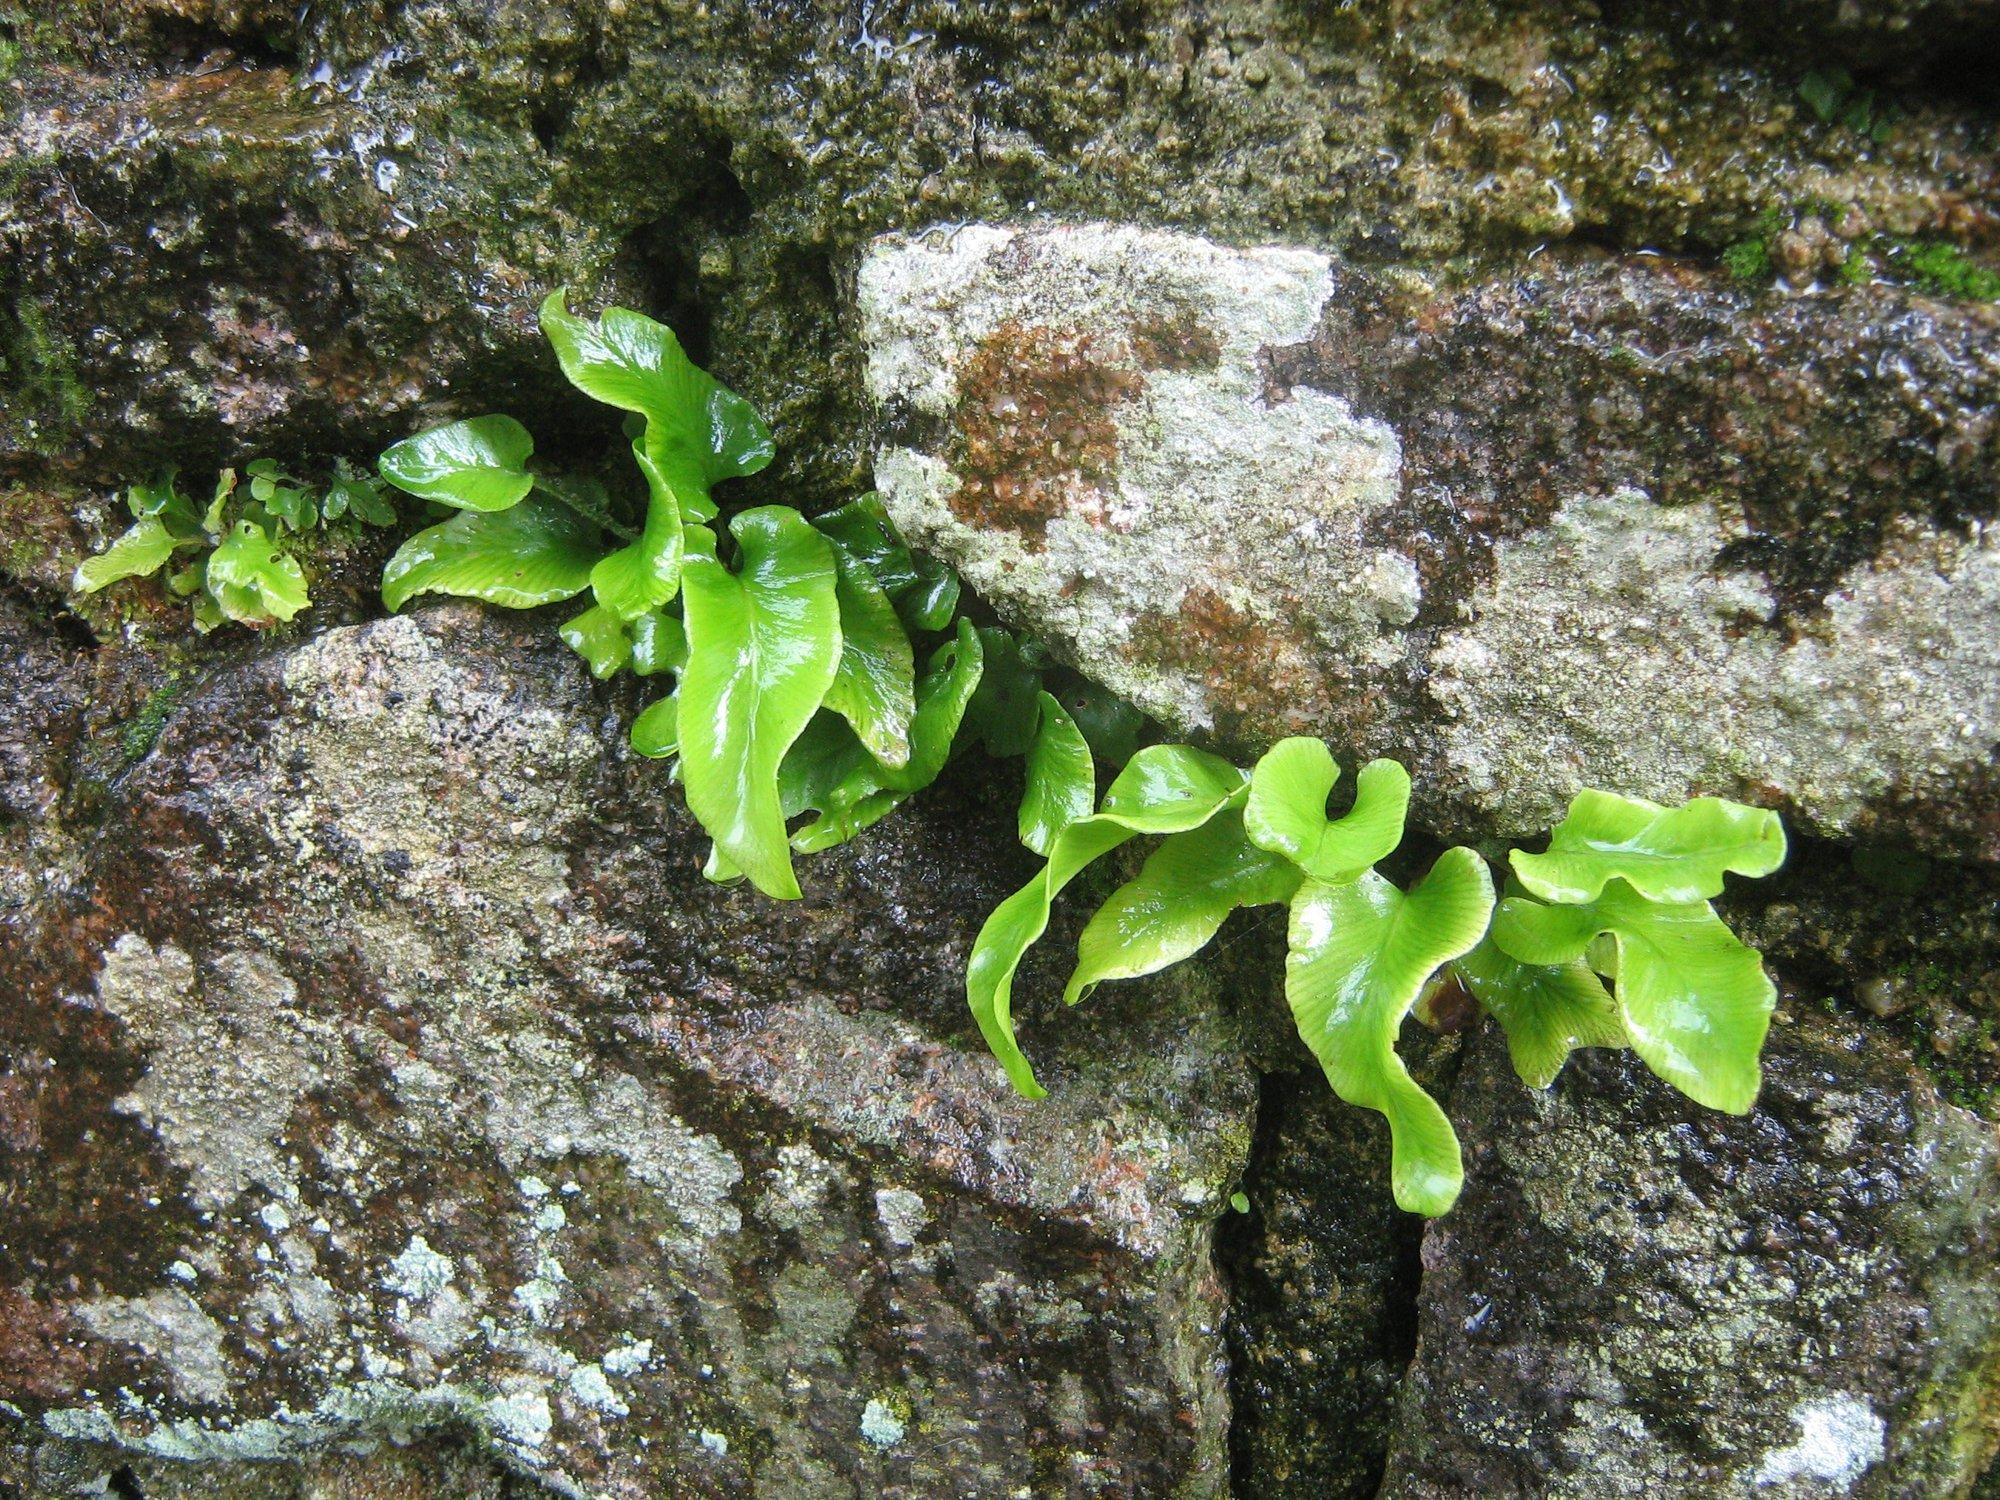 bretónske pamiatky sú nerozlučne späté s všadeprítomnou prírodou